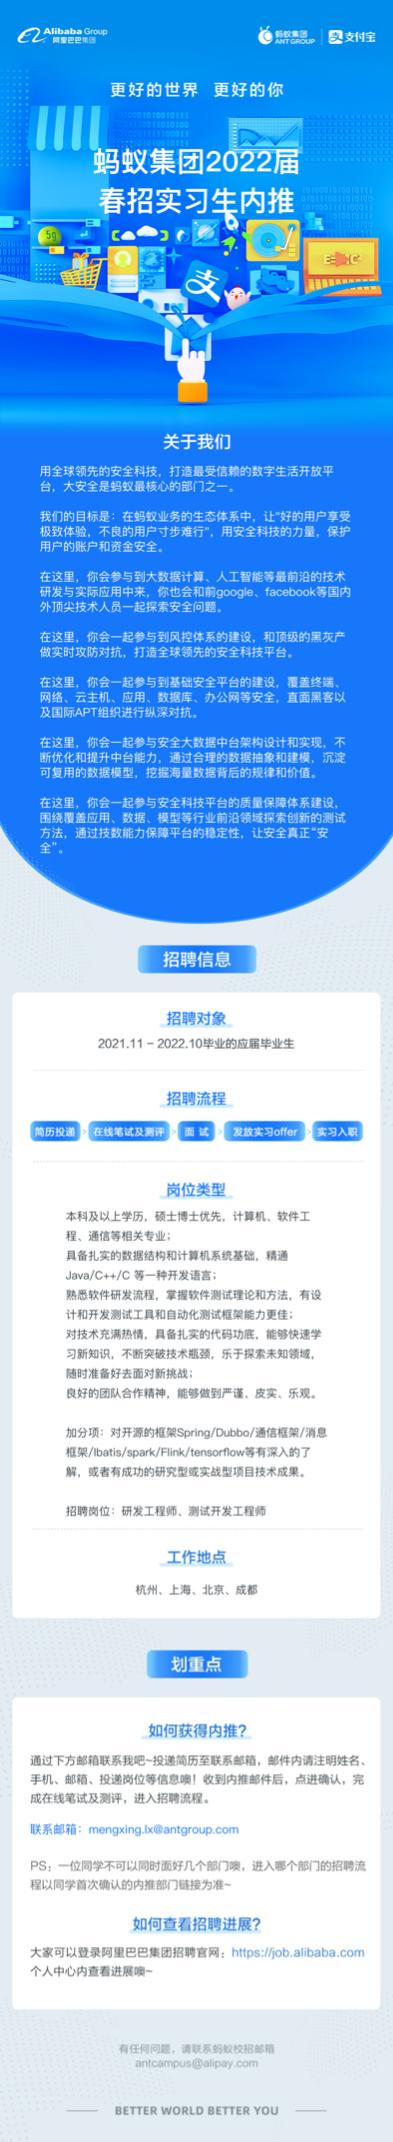 招聘海报 (压缩).png